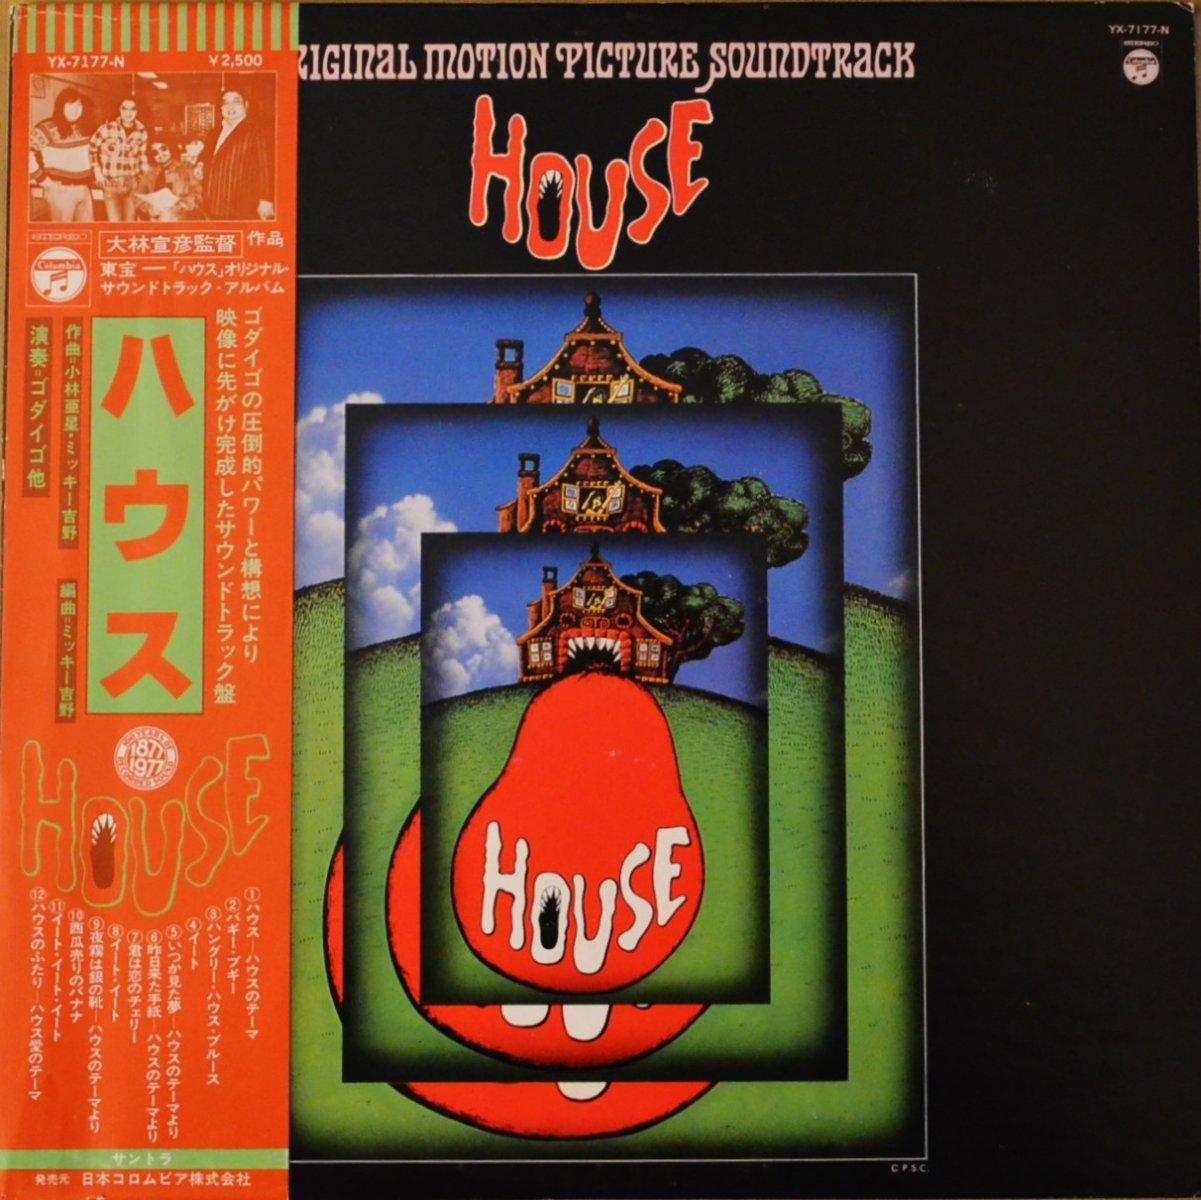 小林亜星 / ミッキー吉野 / ゴダイゴ GODIEGO / ハウス HOUSE (ORIGINAL MOTION PICTURE SOUNDTRACK) (LP)